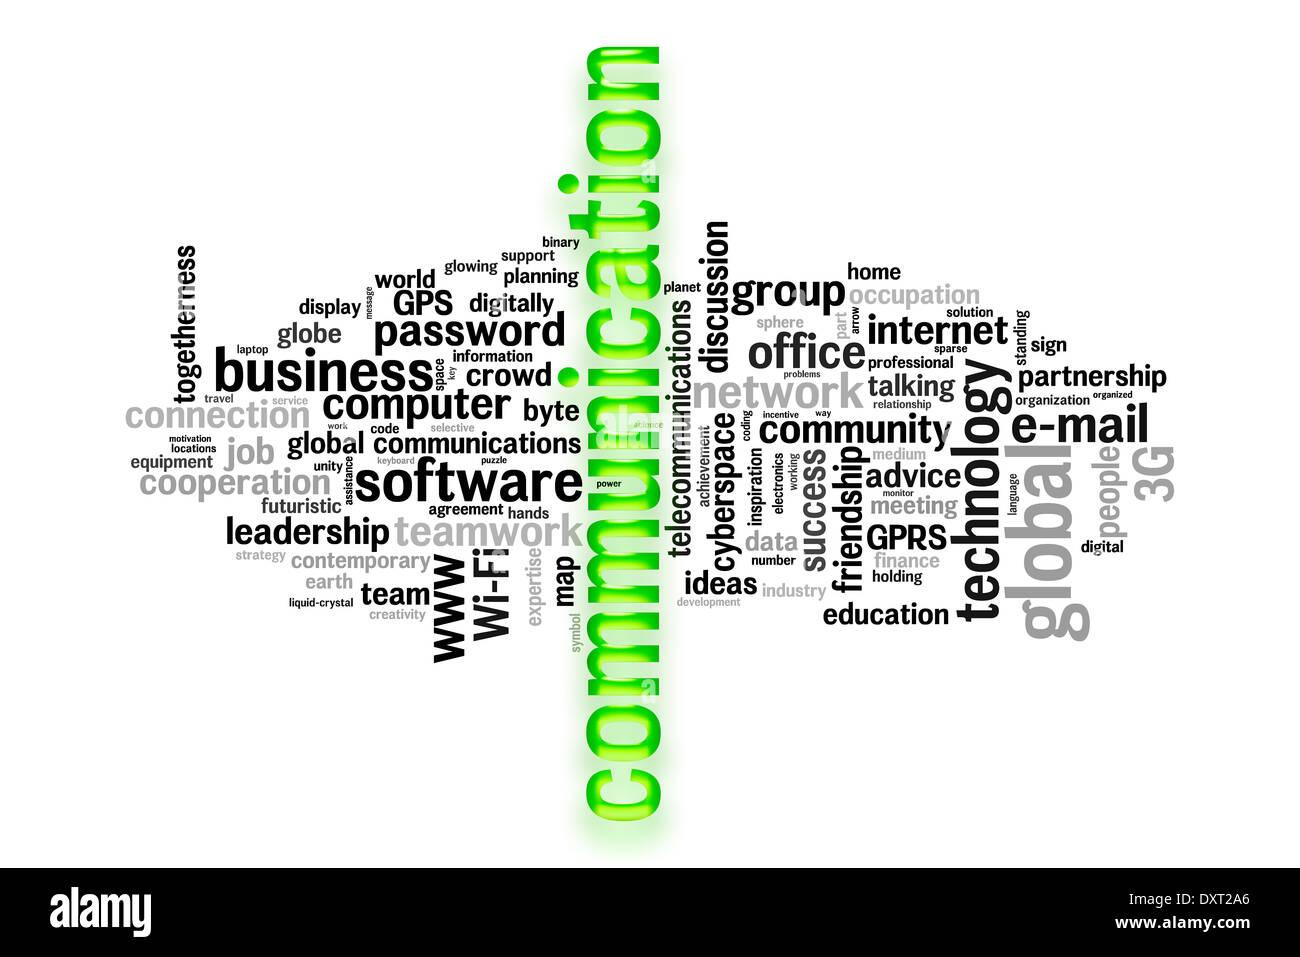 El concepto de comunicación imagen palabra cloud Imagen De Stock